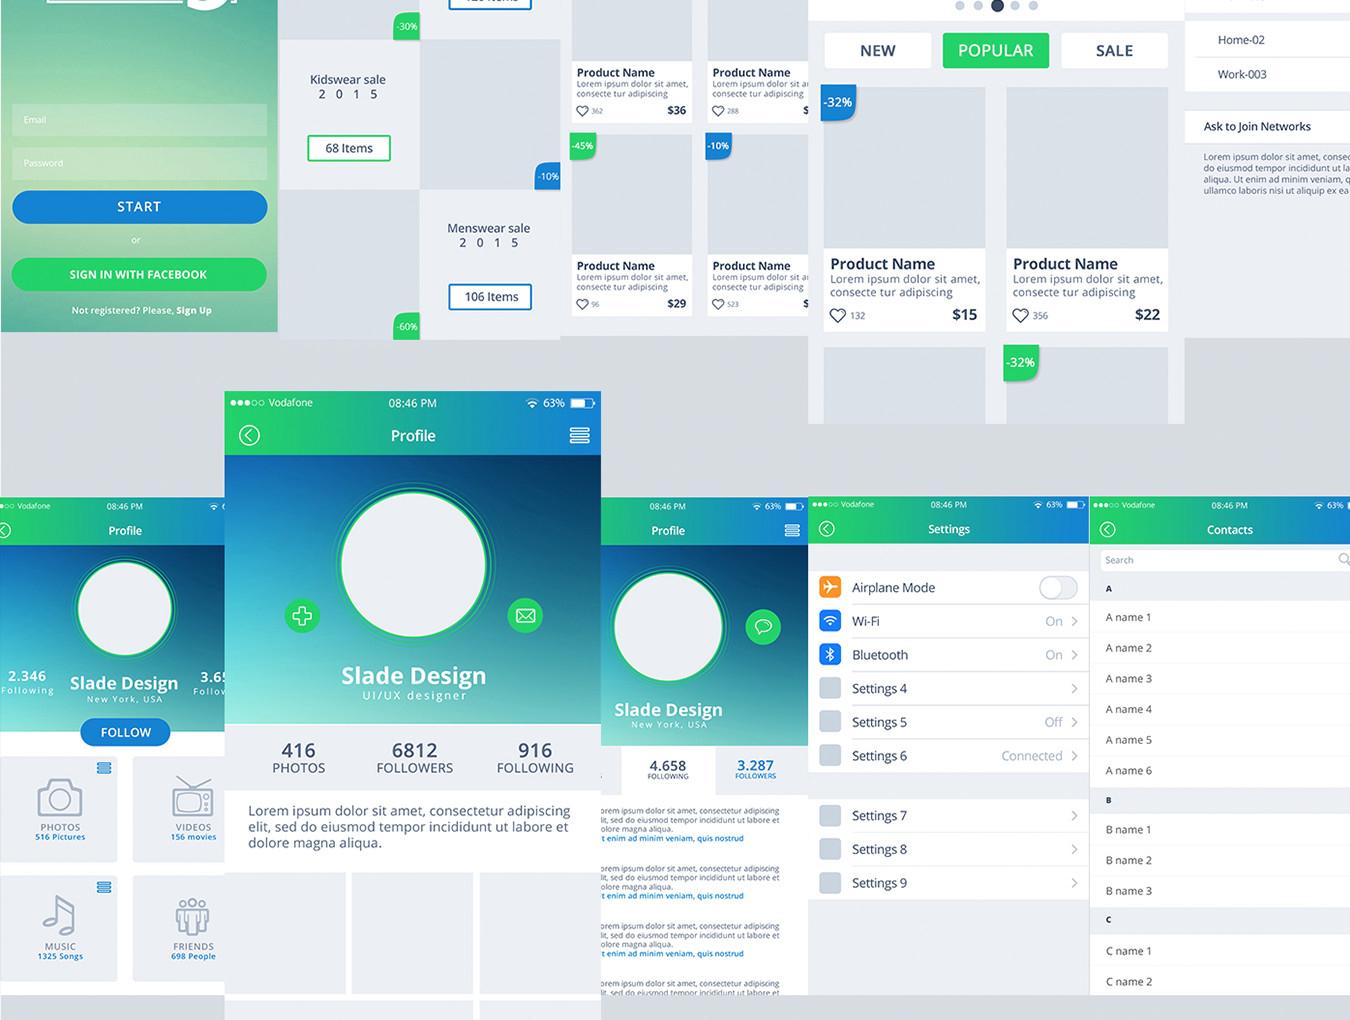 多功能手机应用程序APP UI设计素材套件 District 5 UI Kit插图(3)